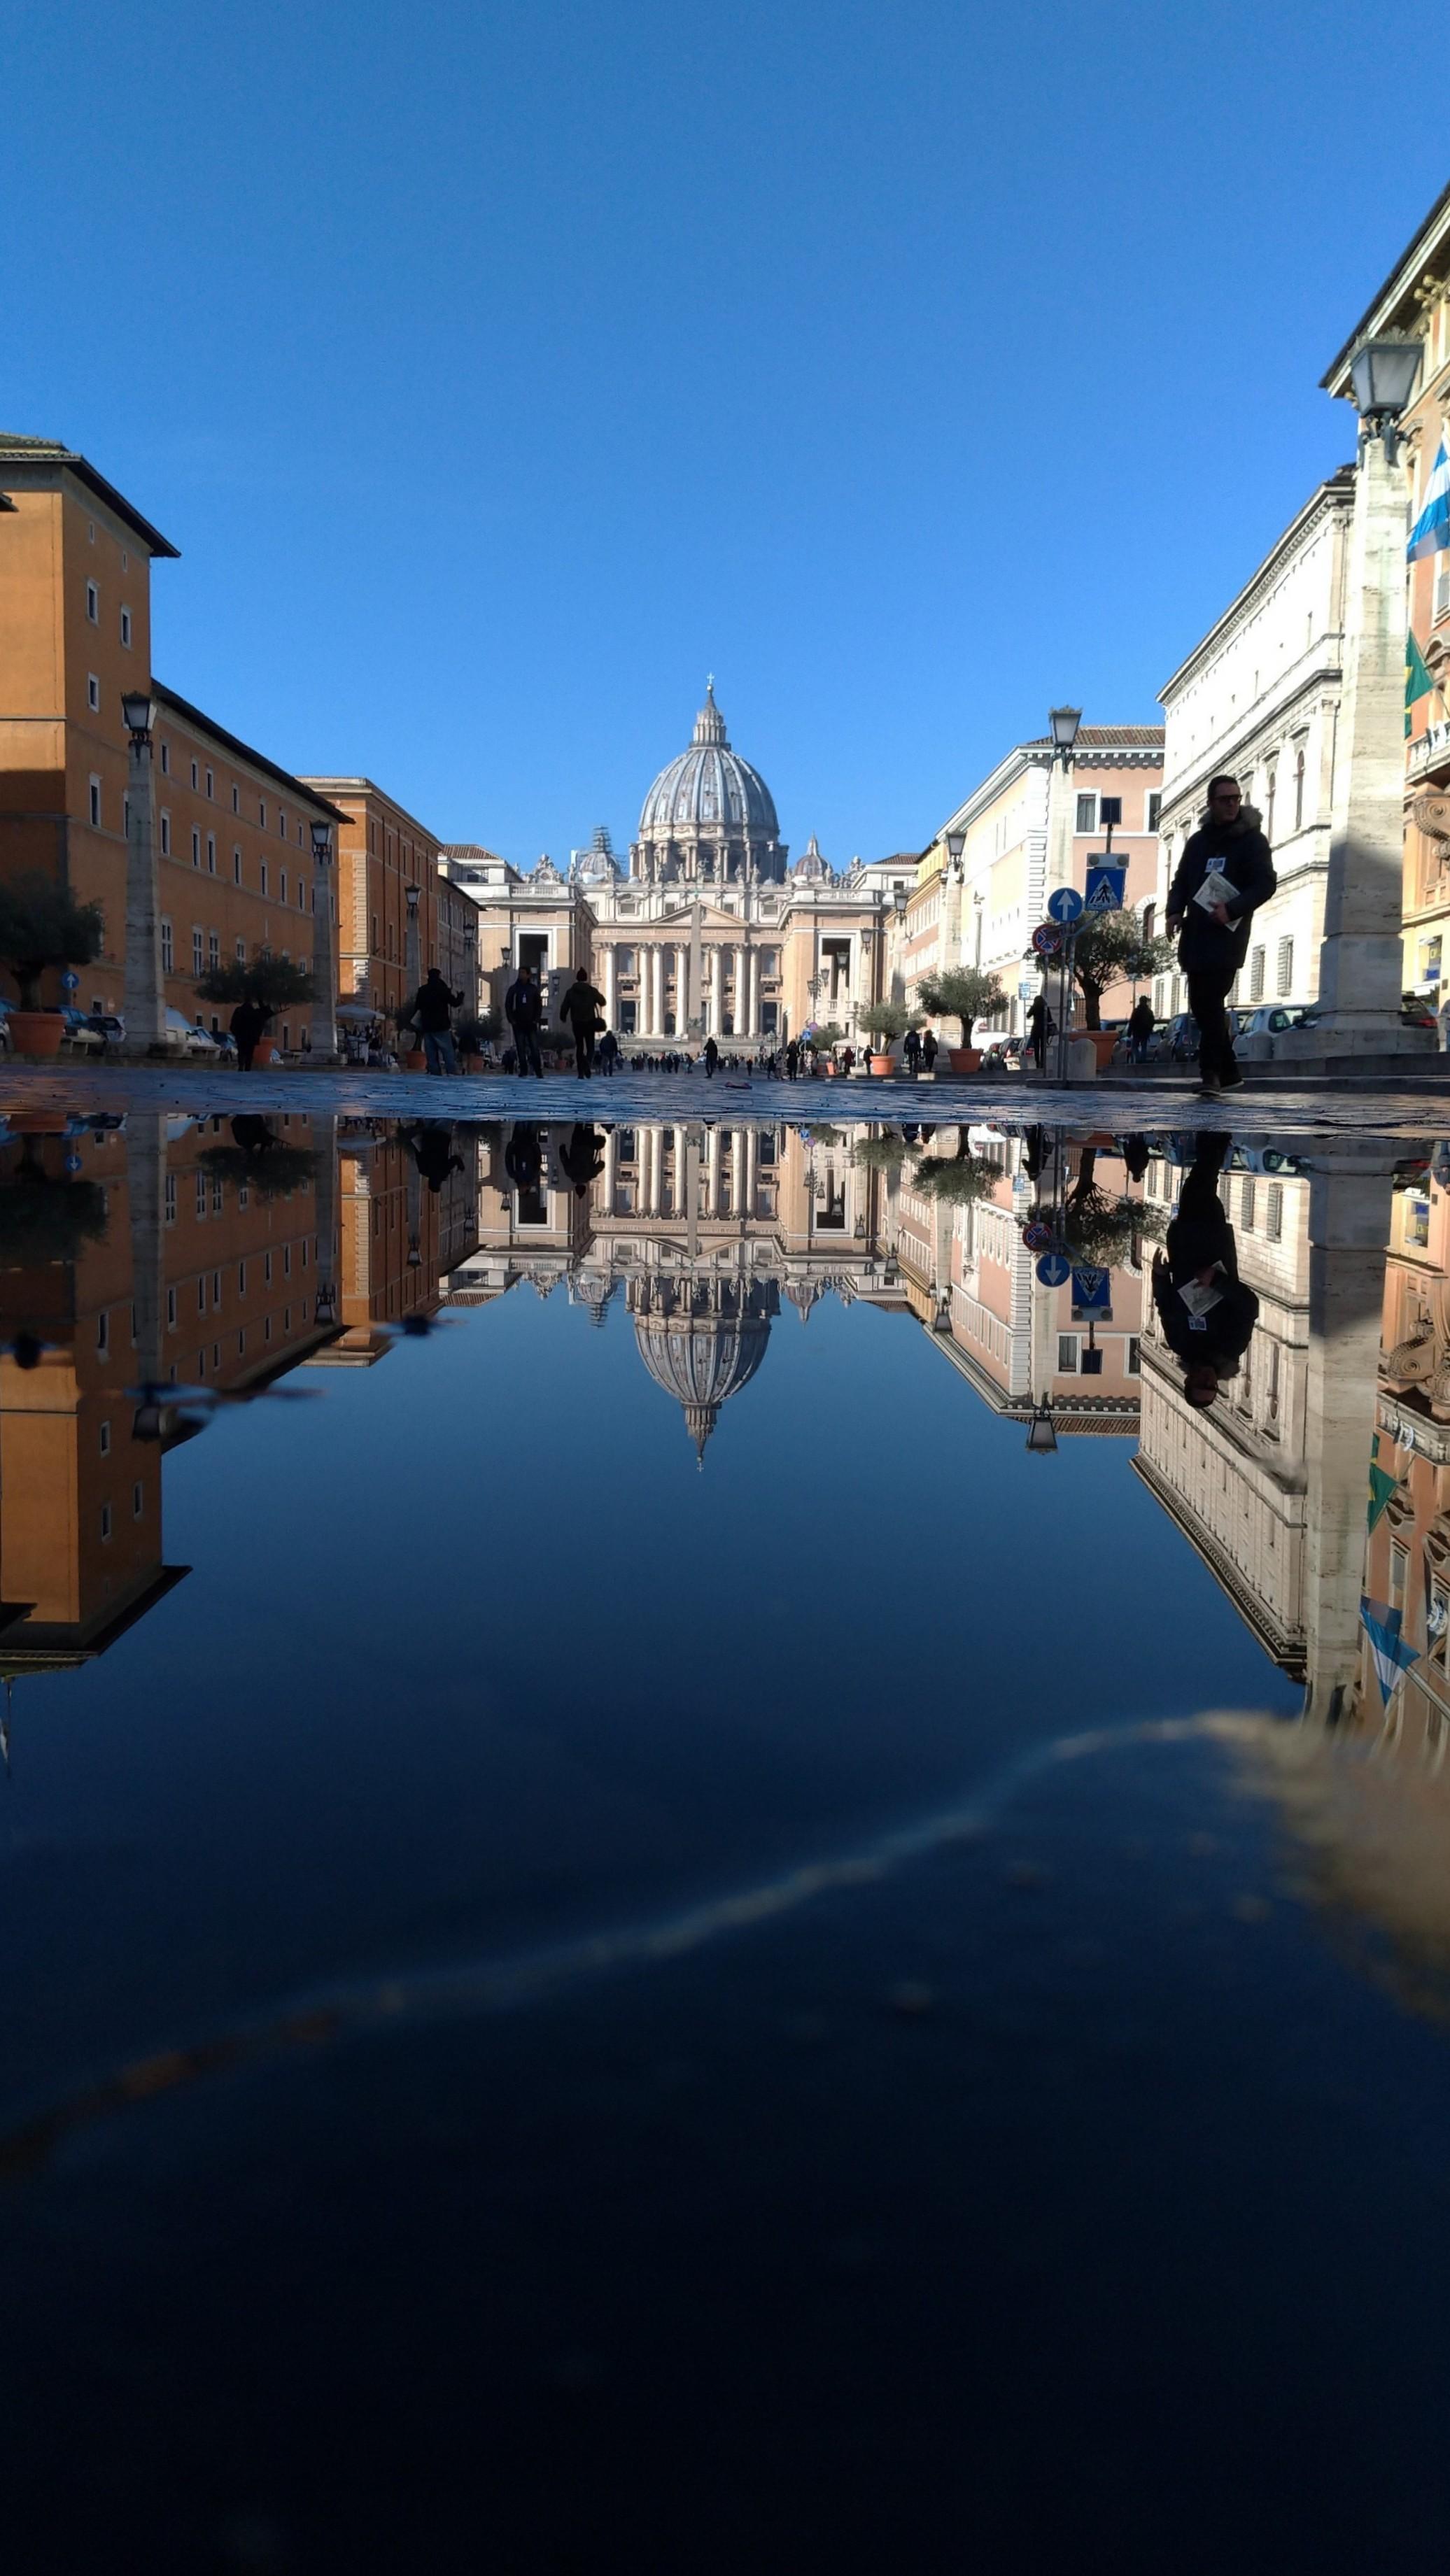 #12イタリアはカラスでさえエレガント!?